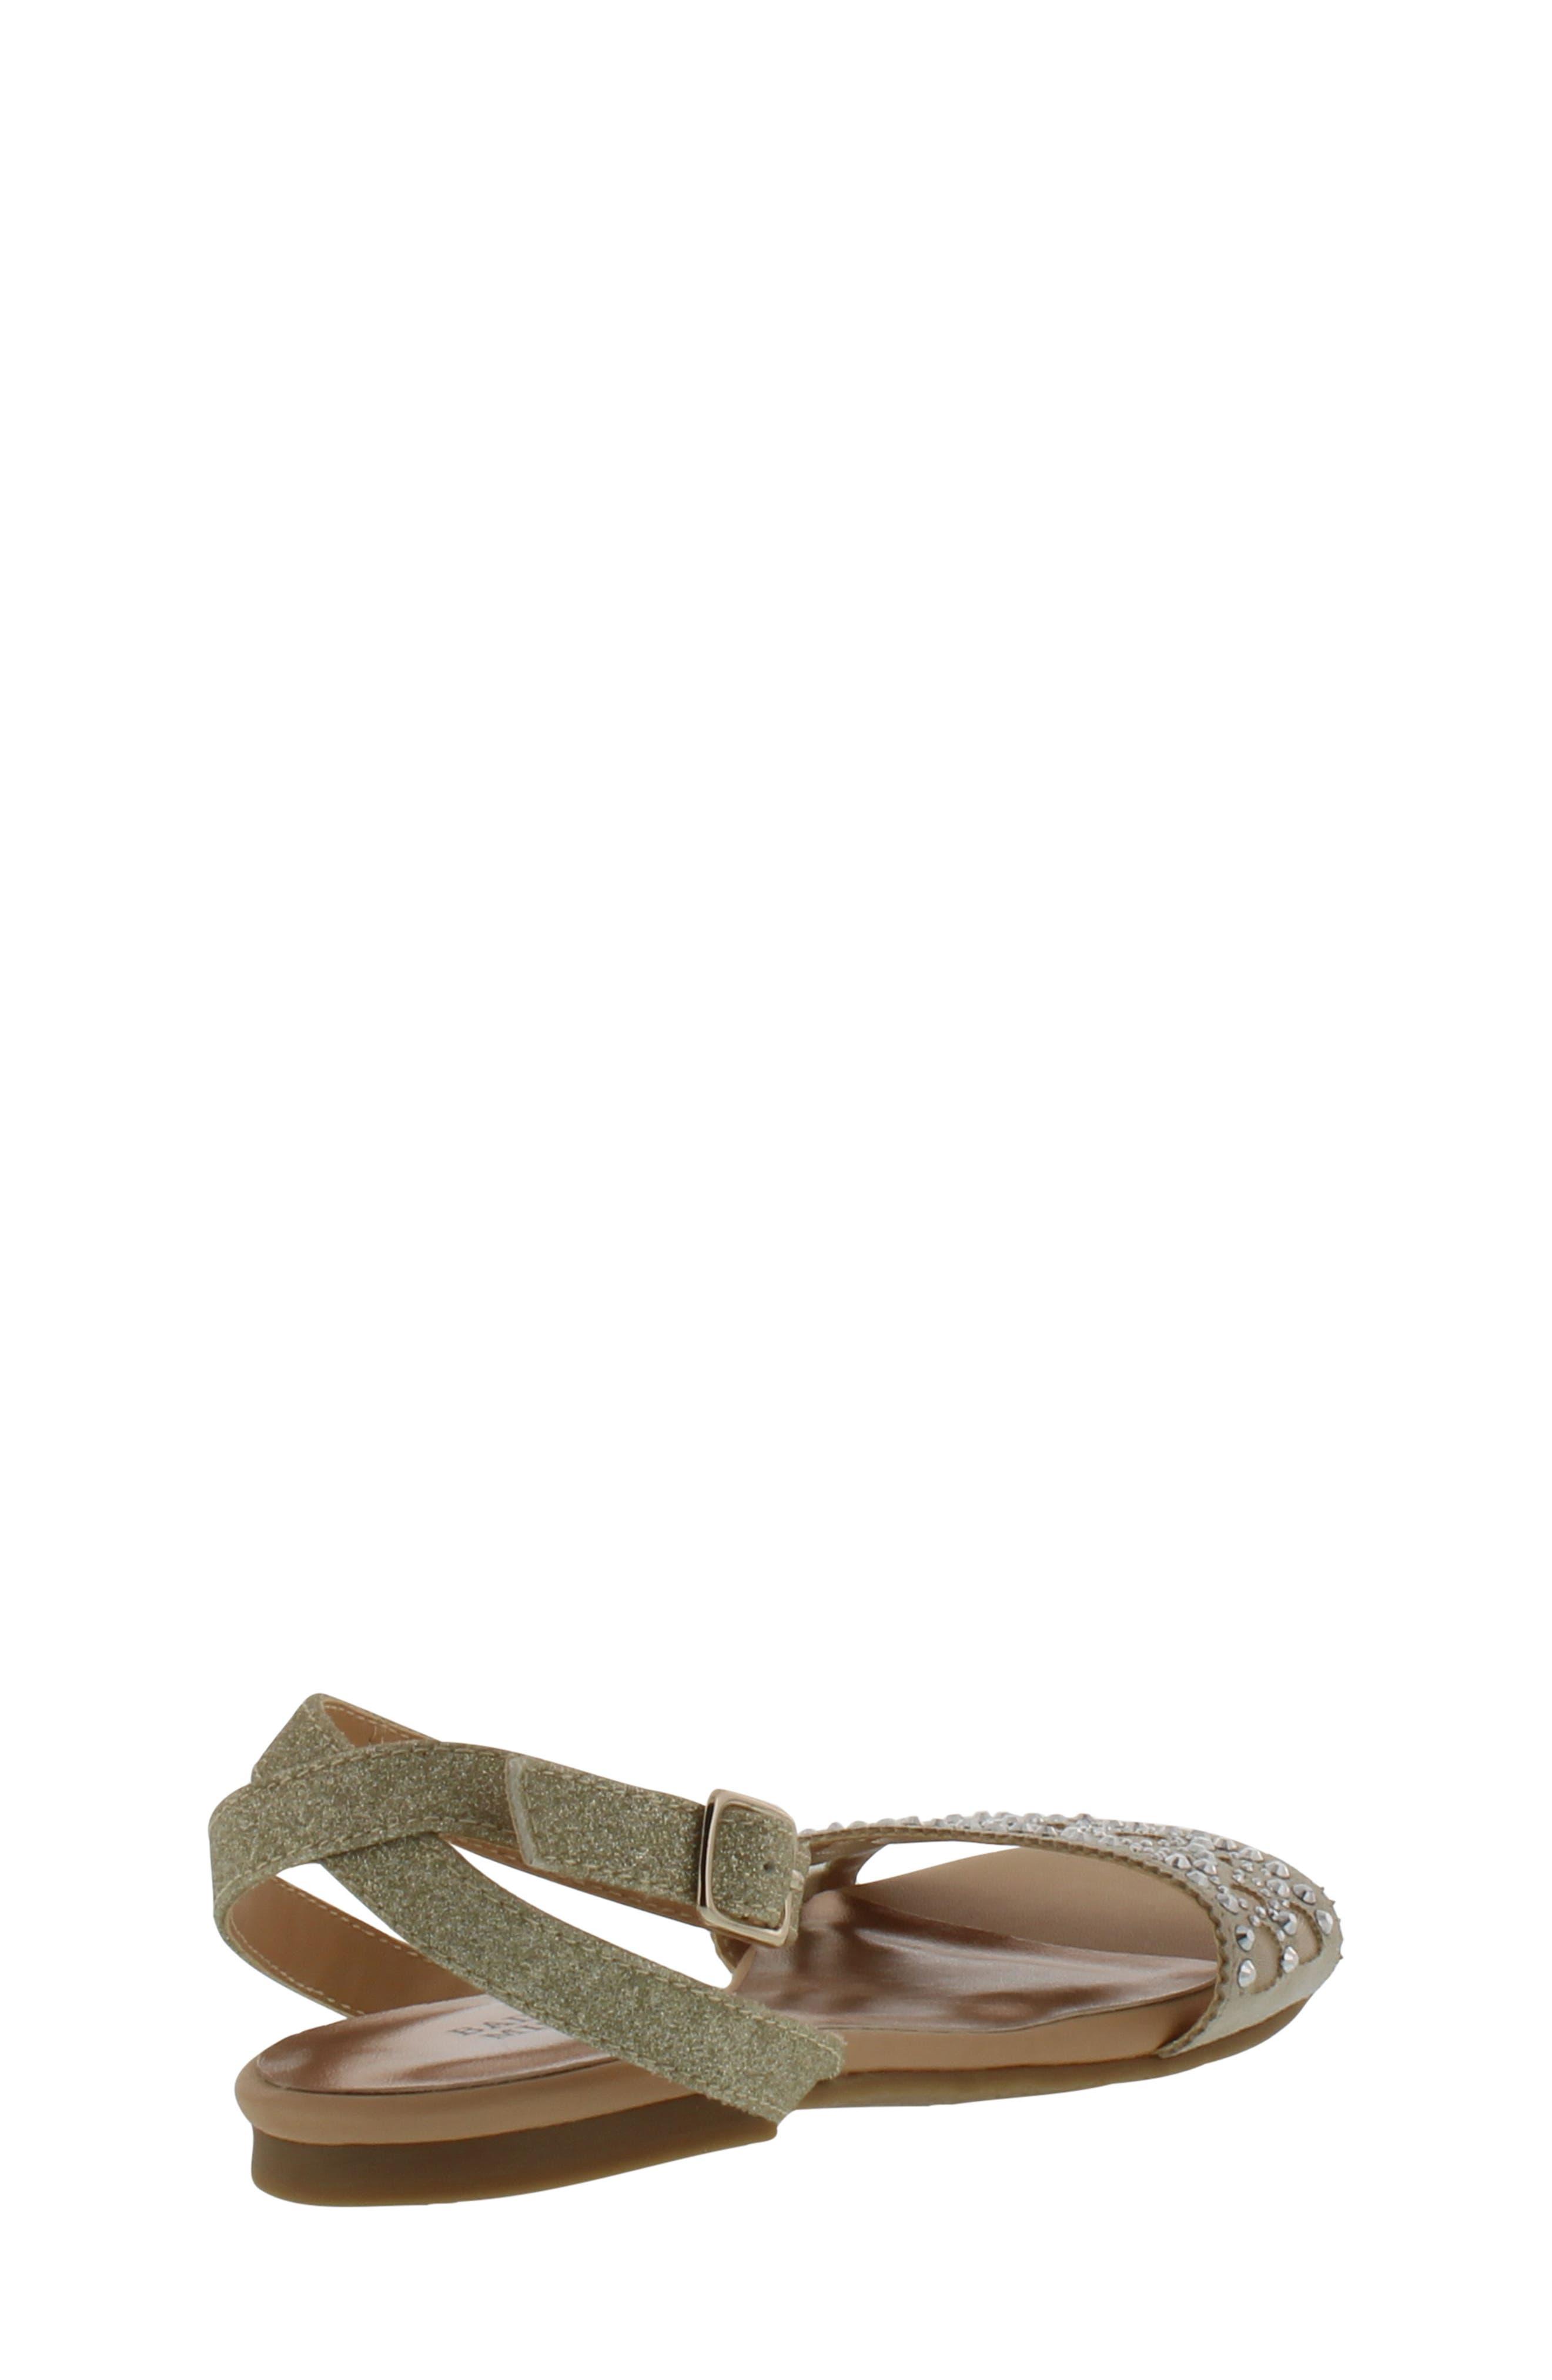 Cara Embellished Sandal,                             Alternate thumbnail 2, color,                             710